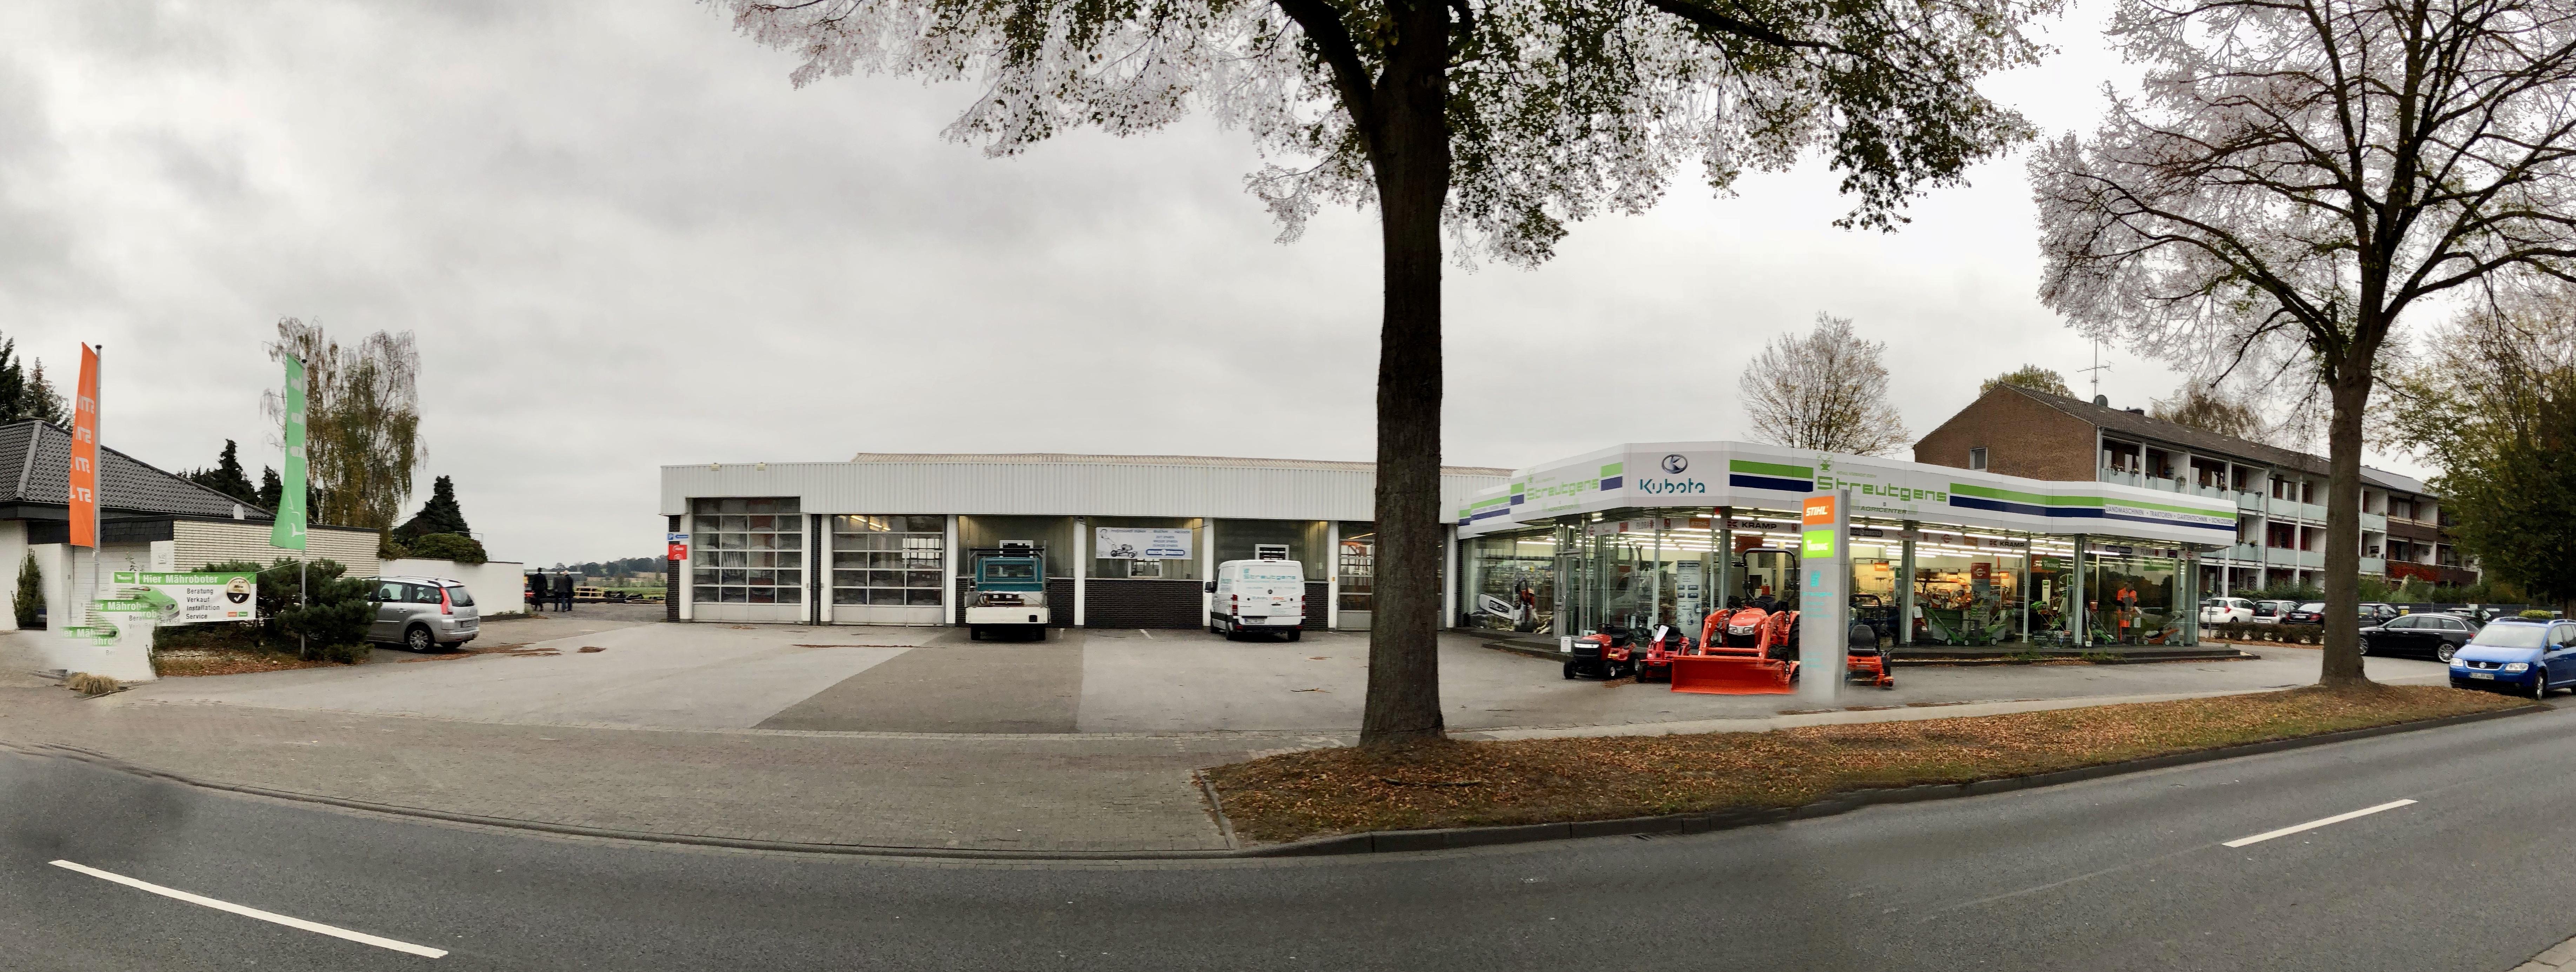 Neuer Gölz Standort: Nettetal-Lobberich